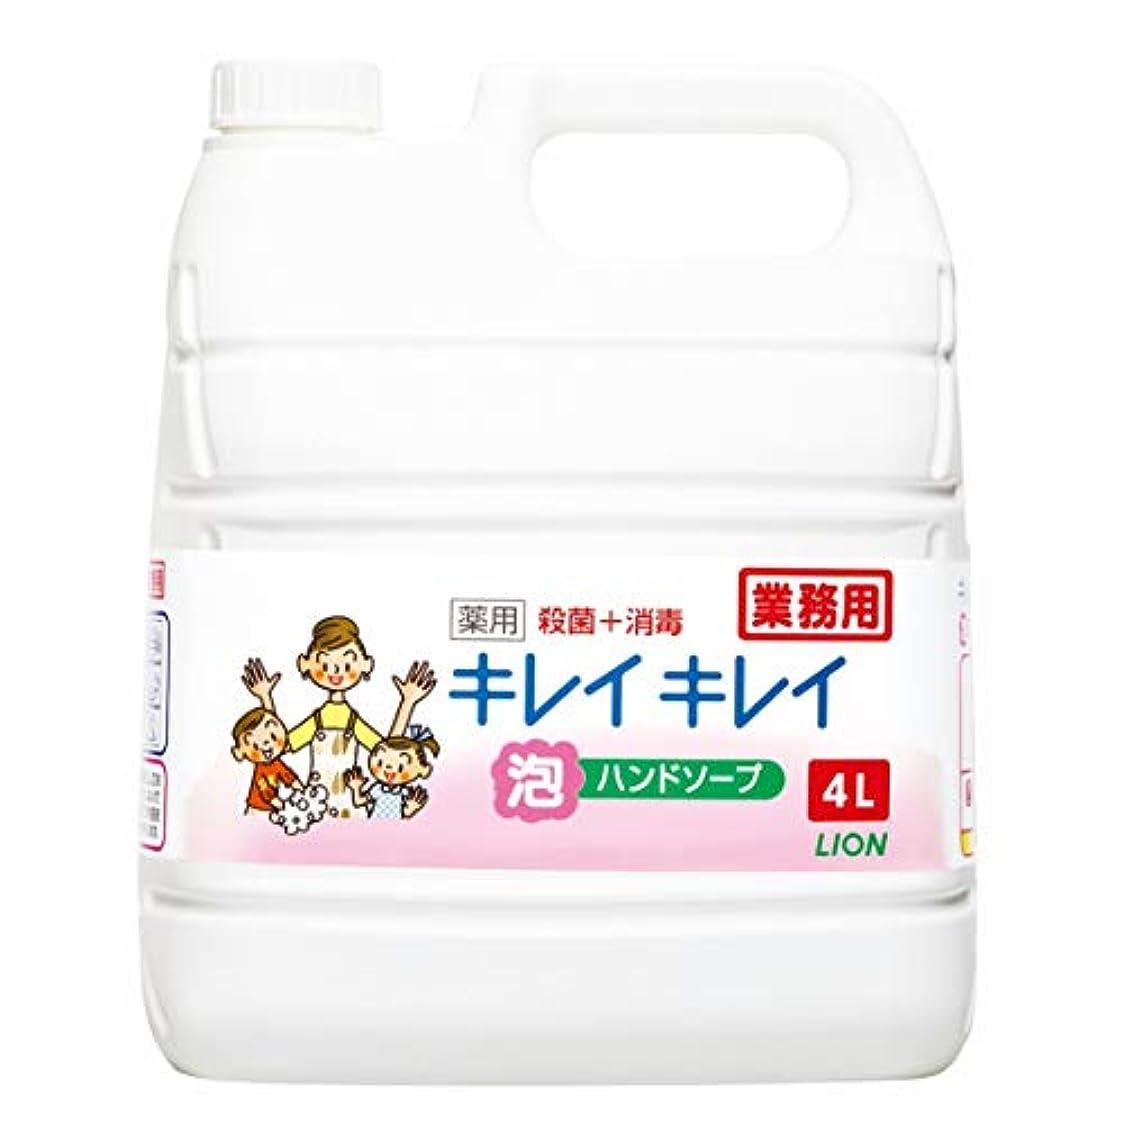 複数砲撃調査【業務用 大容量】キレイキレイ 薬用 泡ハンドソープ シトラスフルーティの香り 4L(医薬部外品)